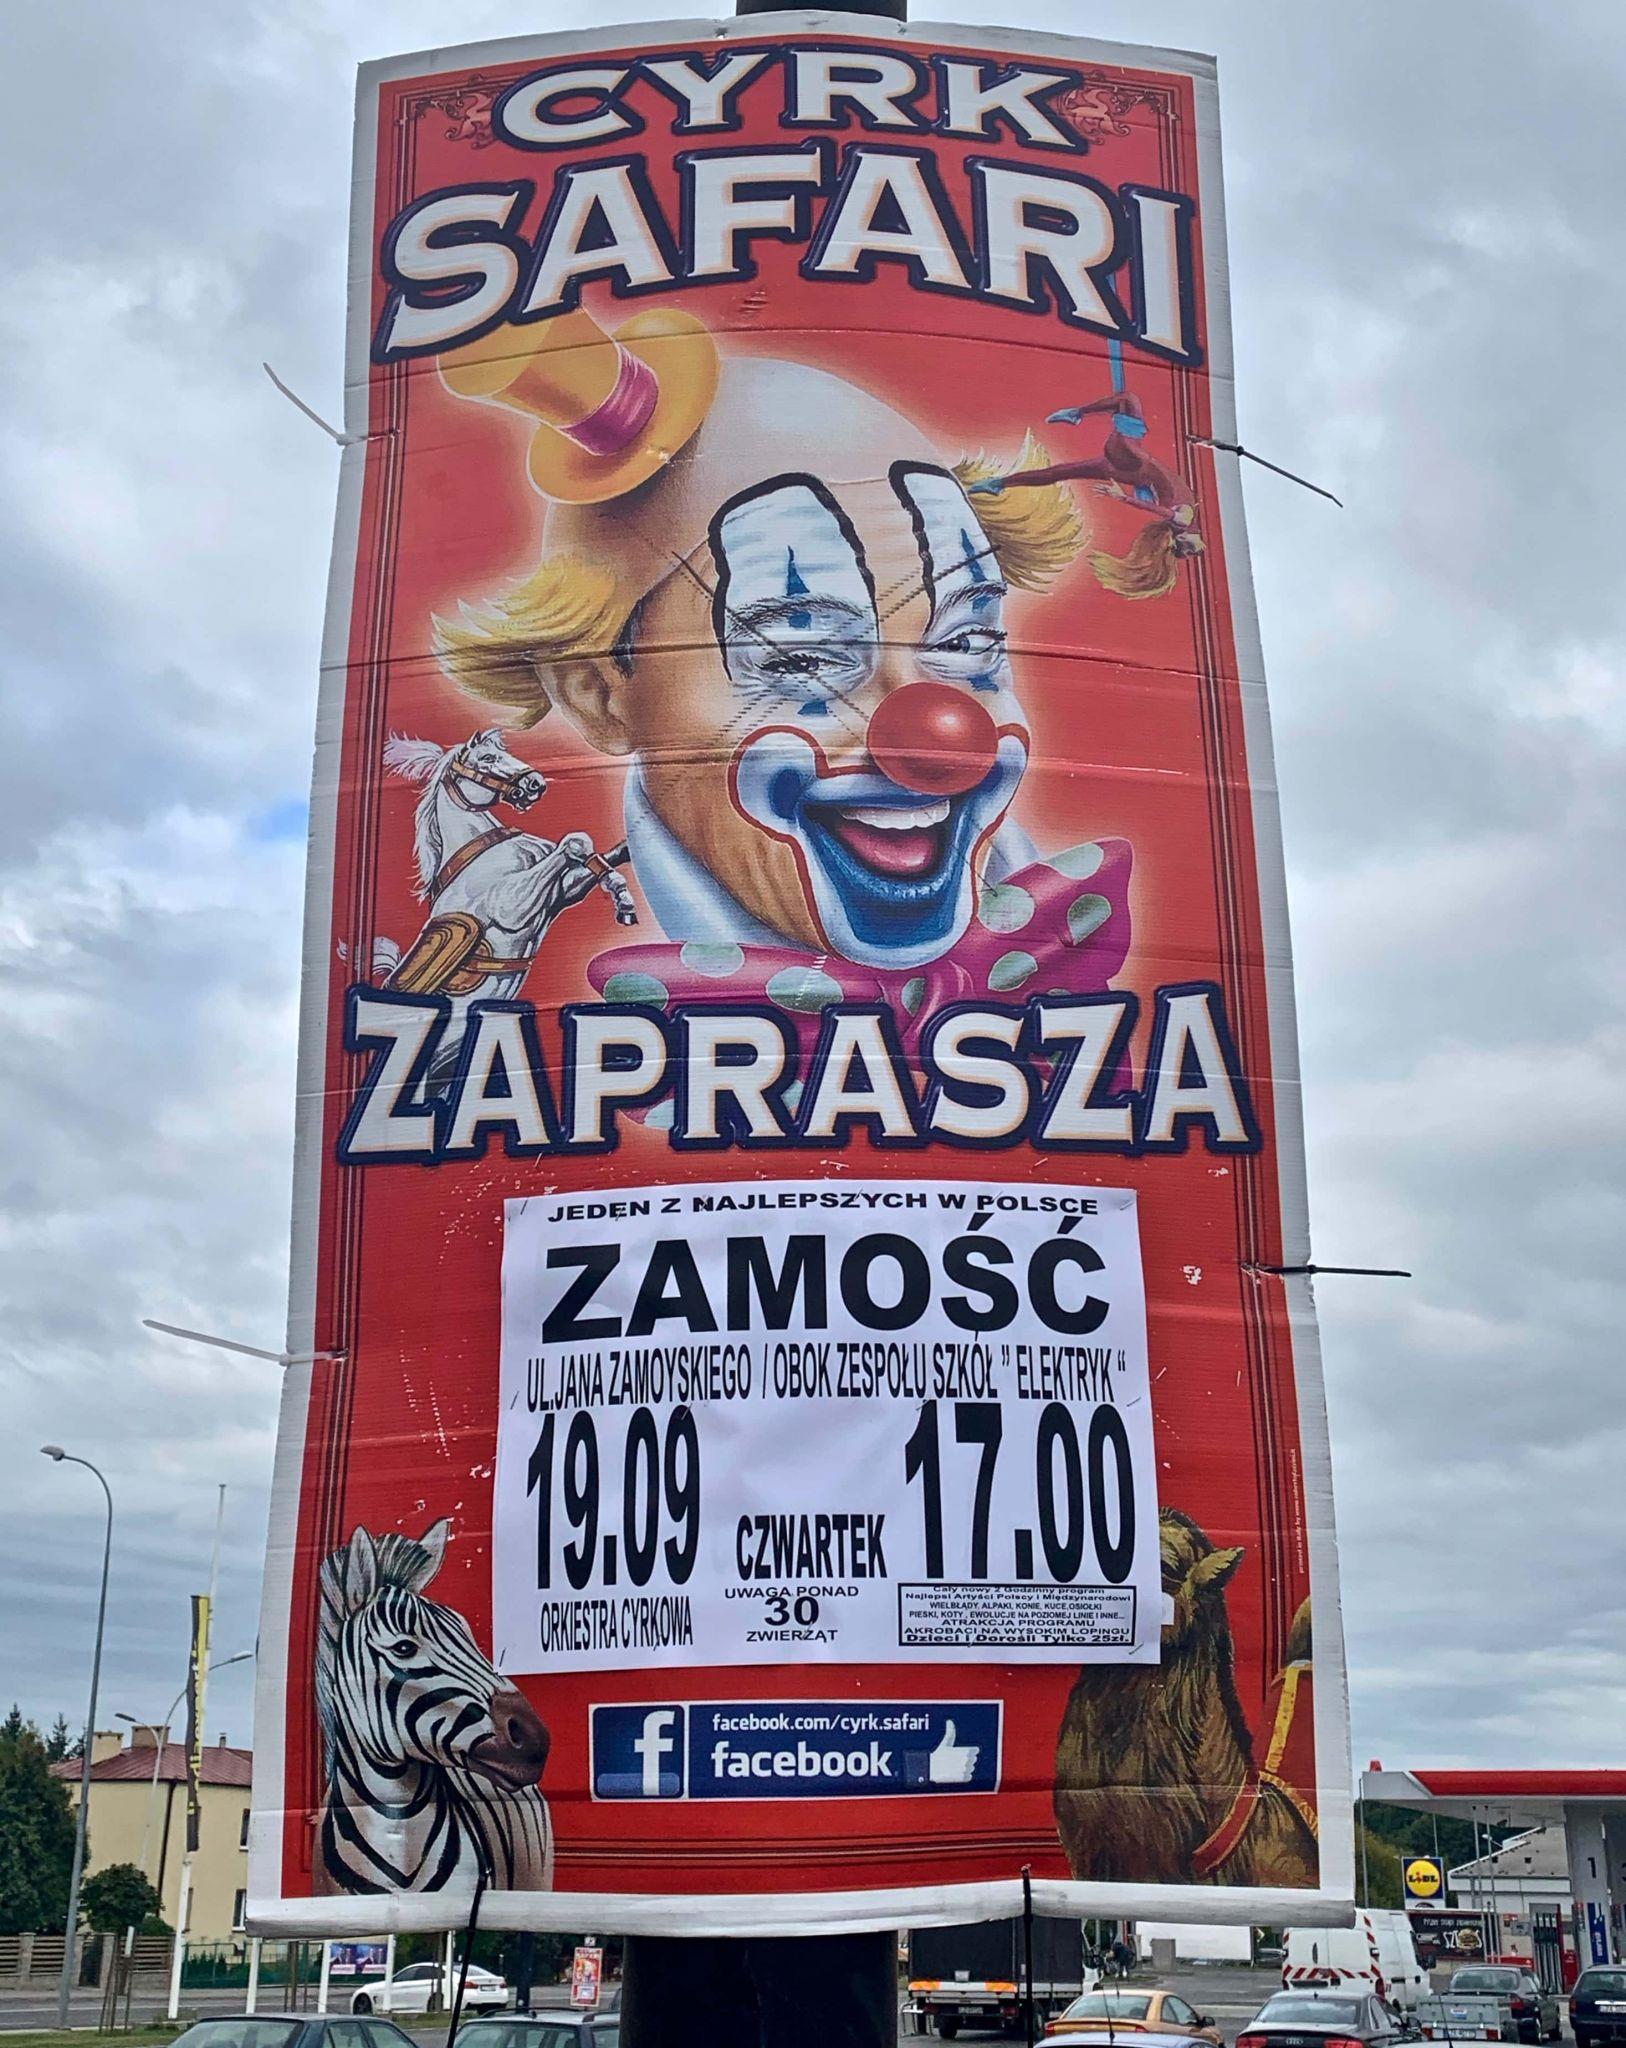 img 3603 Tradycyjny Cyrk Safari wystąpi w Zamościu. Wybieracie się?